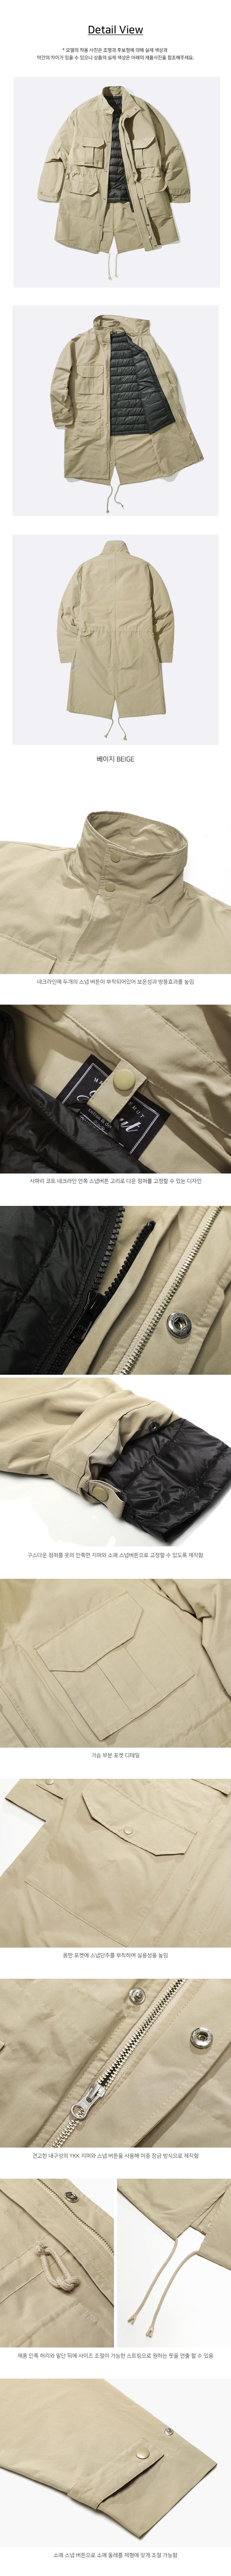 YHCT2228_detail_beige.jpg